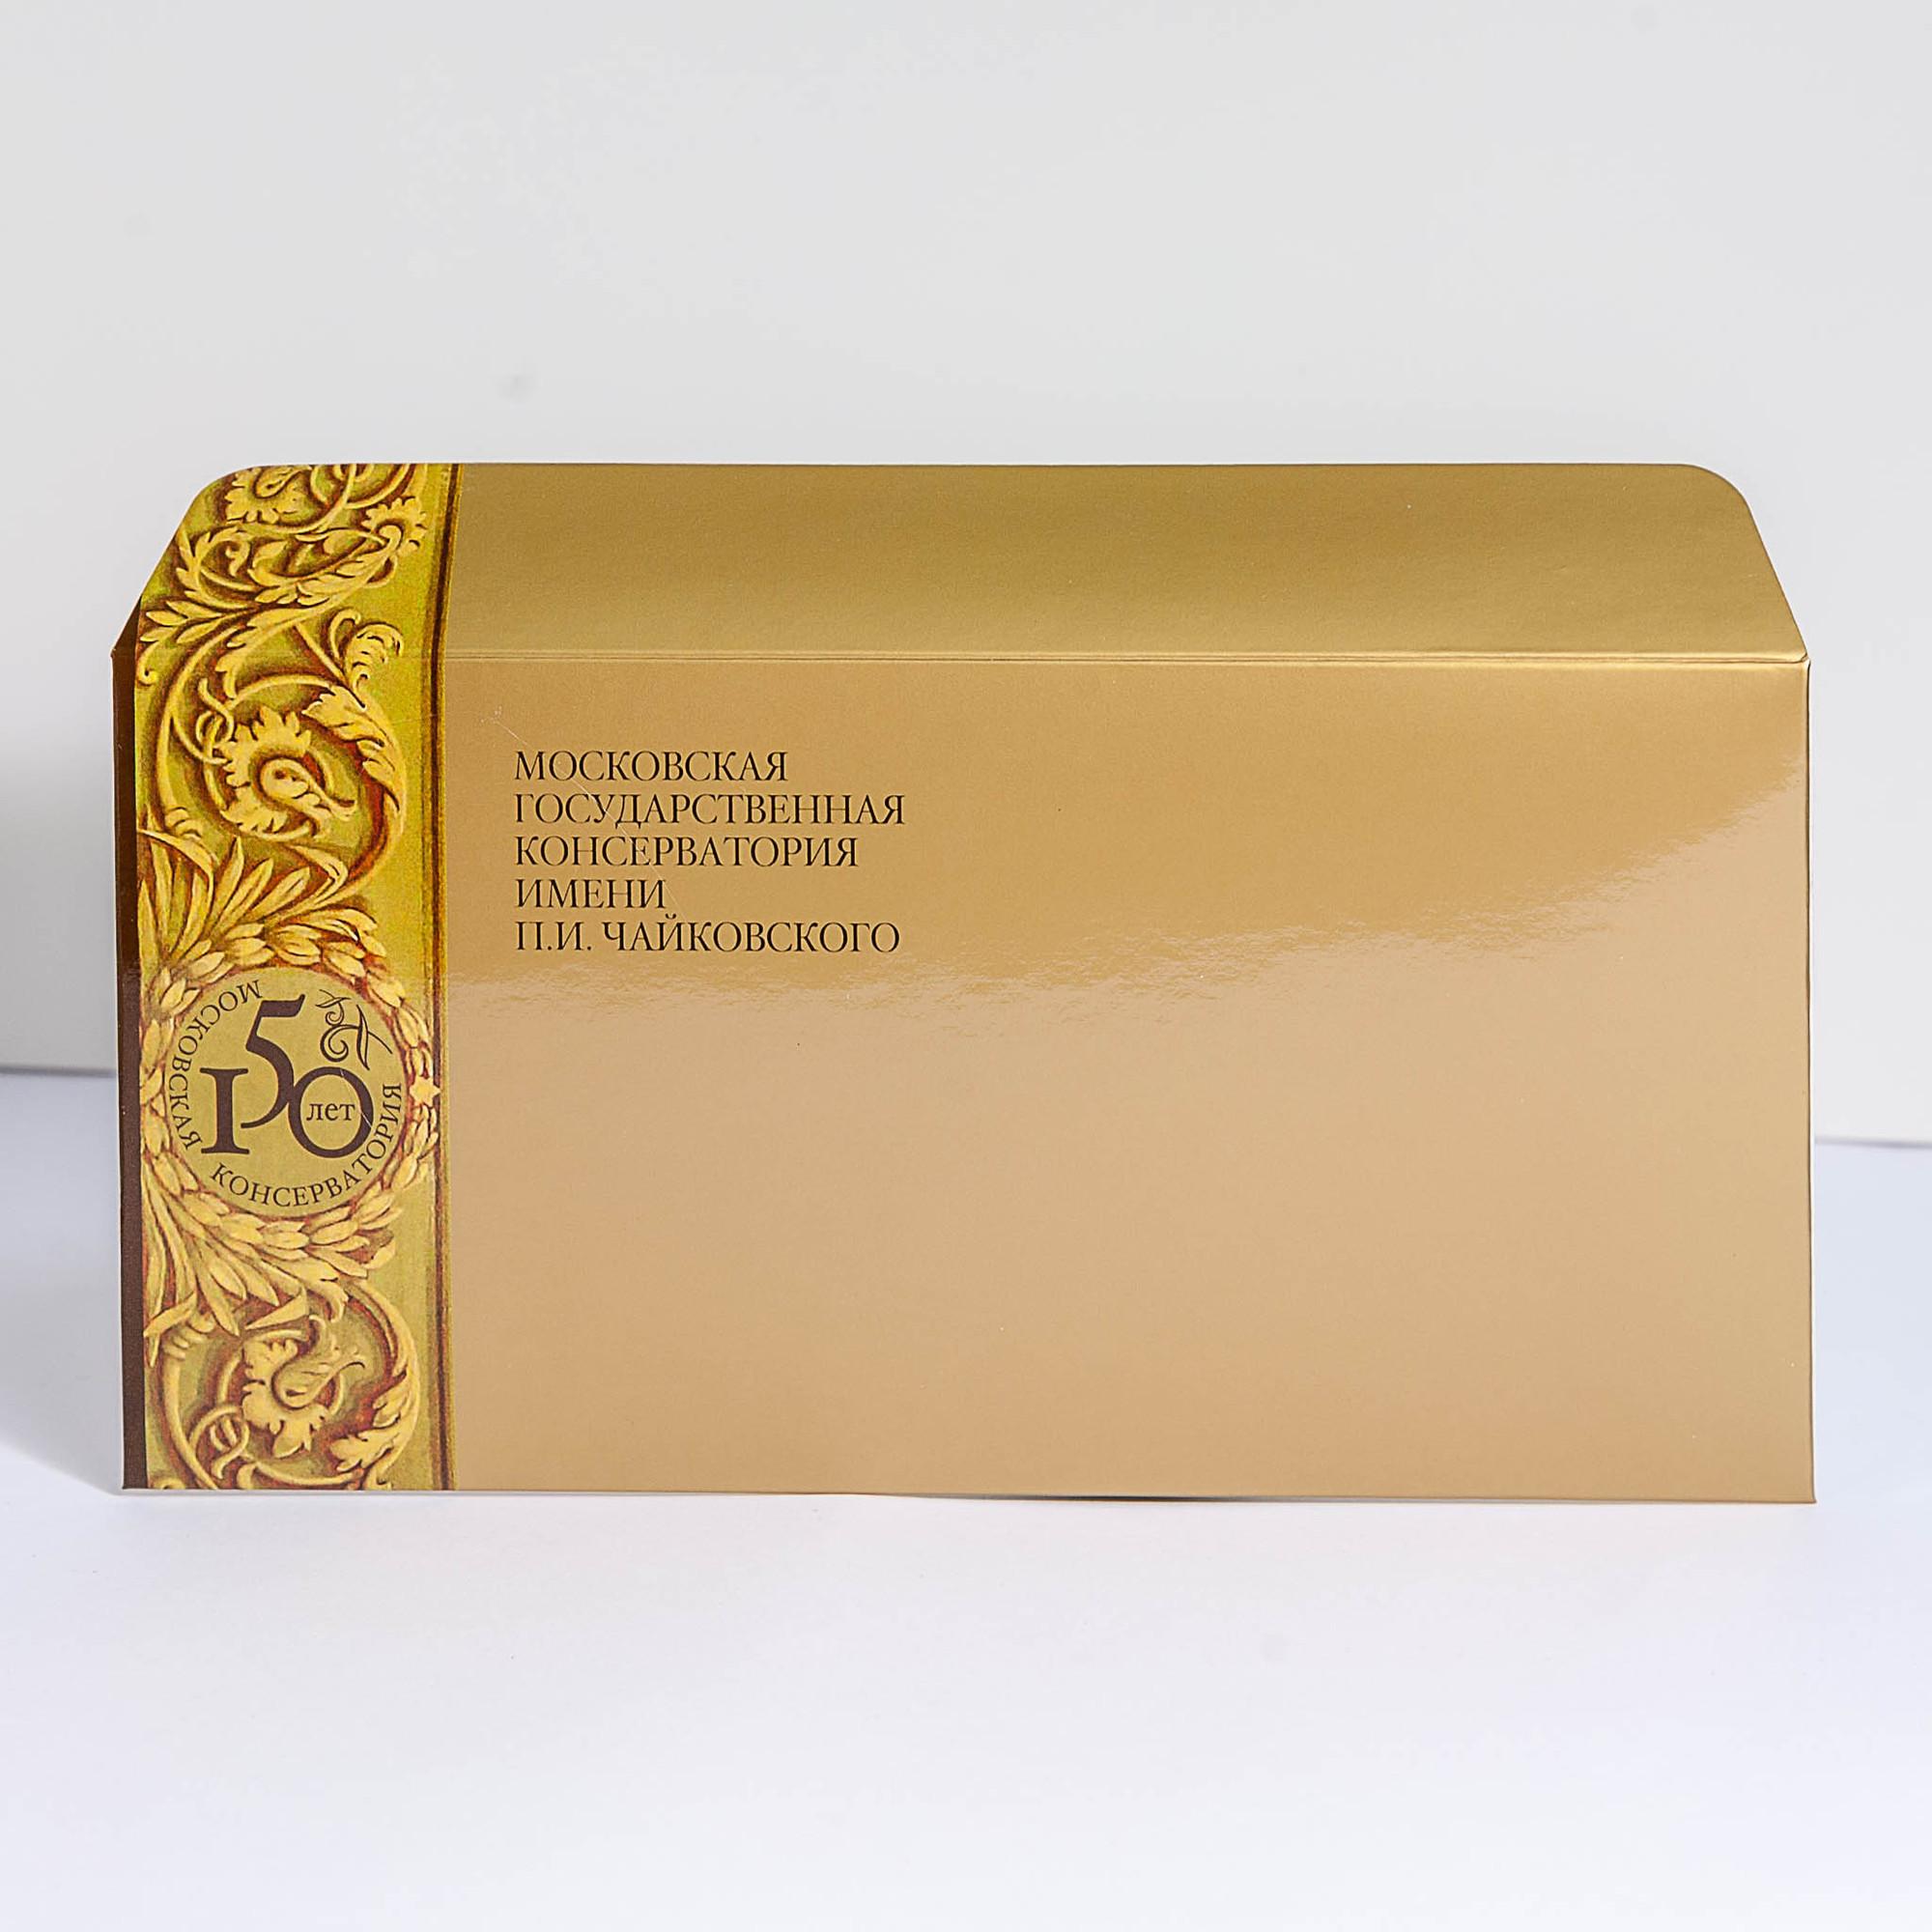 Ламинированный евро конверт из меловки 250 г/м2, с печатью золотом